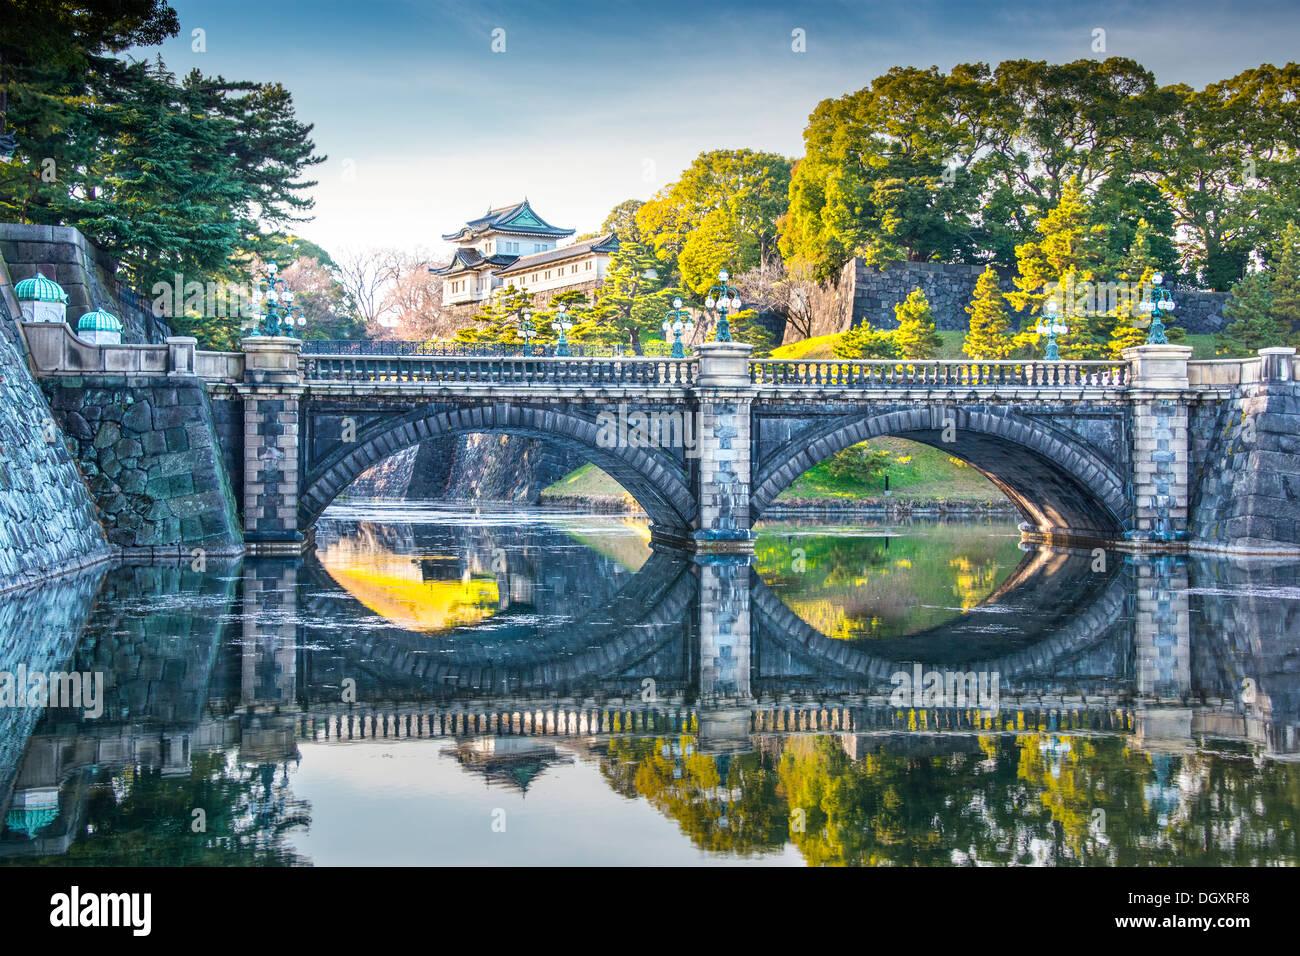 Palais Impérial de Tokyo du Japon. Photo Stock